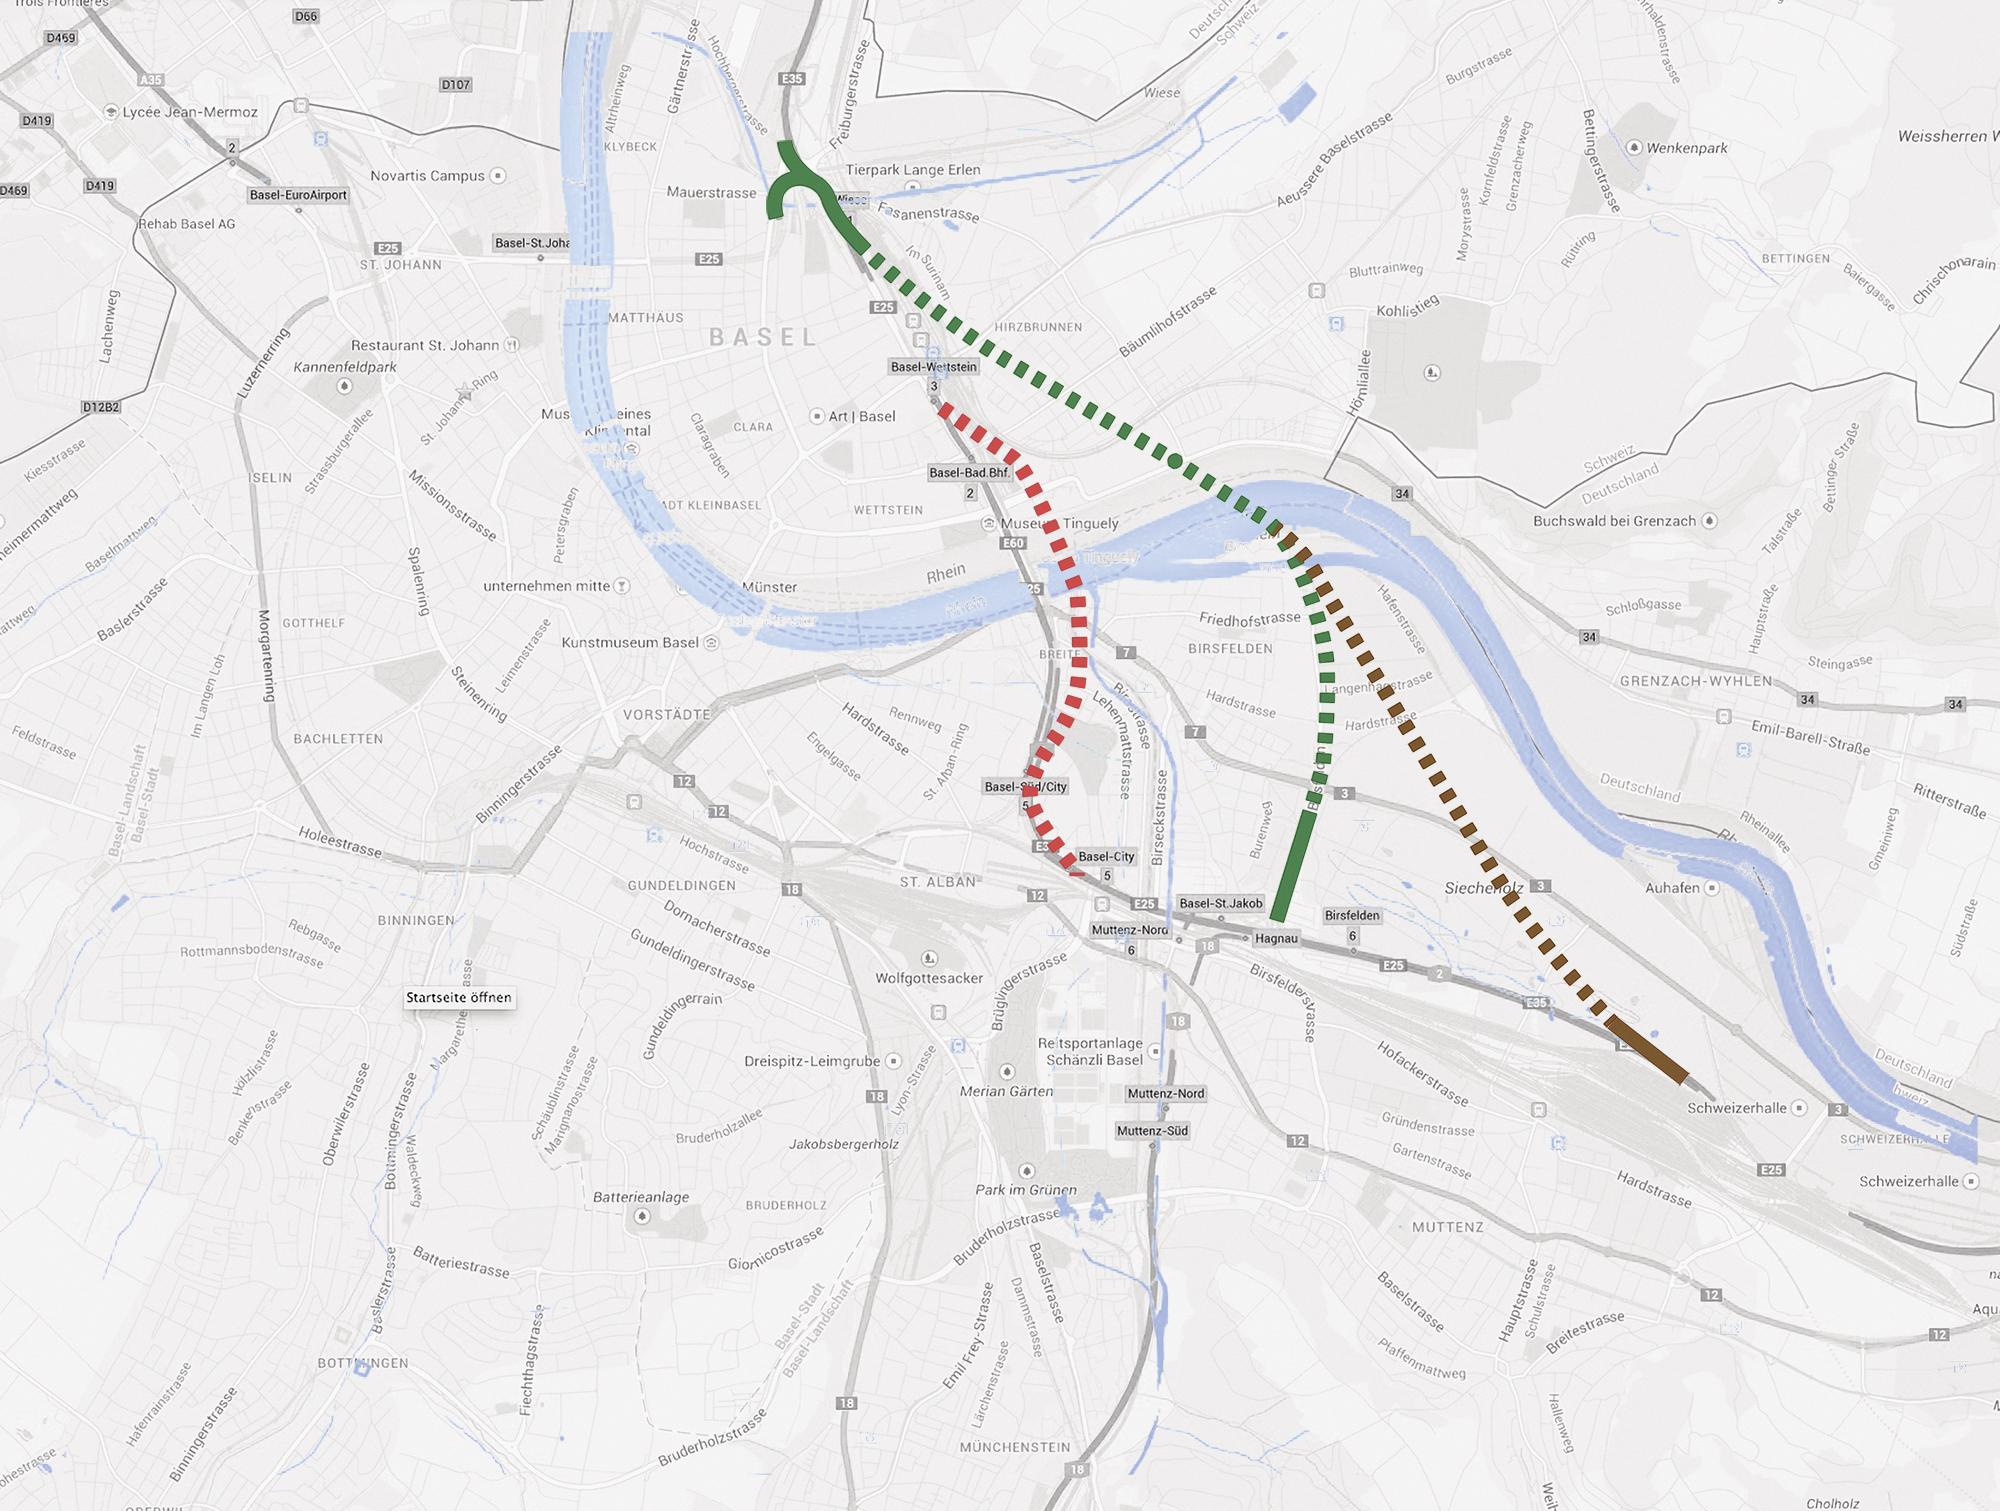 Diese drei Tunnelvarianten sind auf dem Tisch. Geprüft wird allerdings nur die rote, die von den Basler Planungsbehörden eingereicht wurden. Die grünen Routen sind wohl chancenlose Alternativvorschläge der Wirtschaftsverbände.